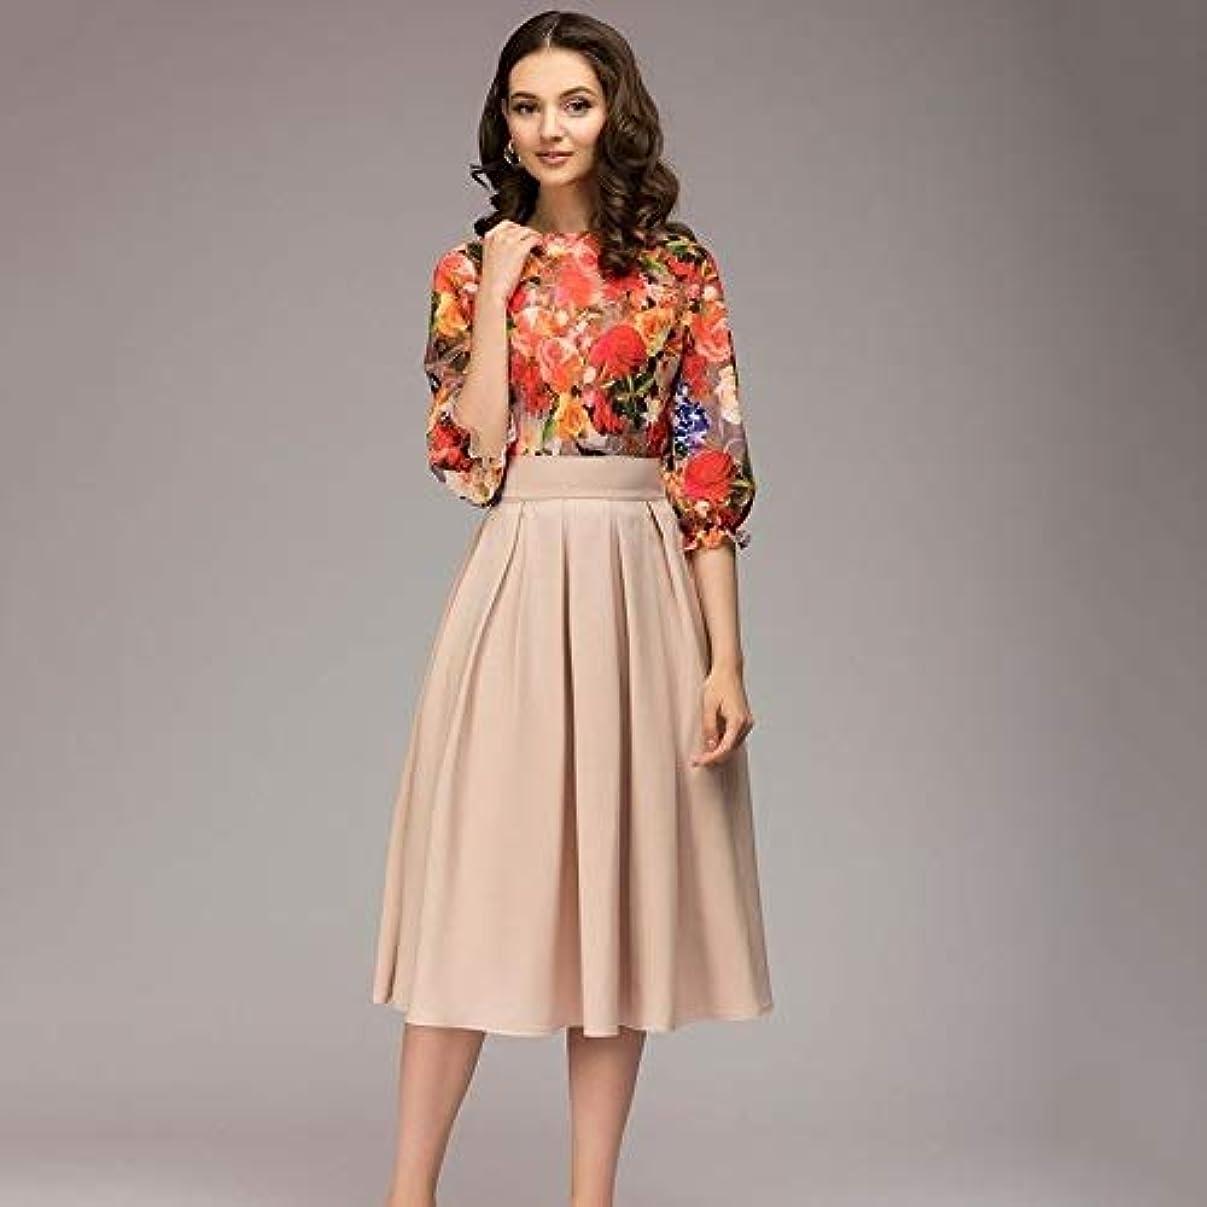 自慢感謝祭天のMaxcrestas - 夏ヴィンテージO-ネック半袖ブルーフローラルプリントAラインドレスエレガントな膝丈オフィスの女性のドレス